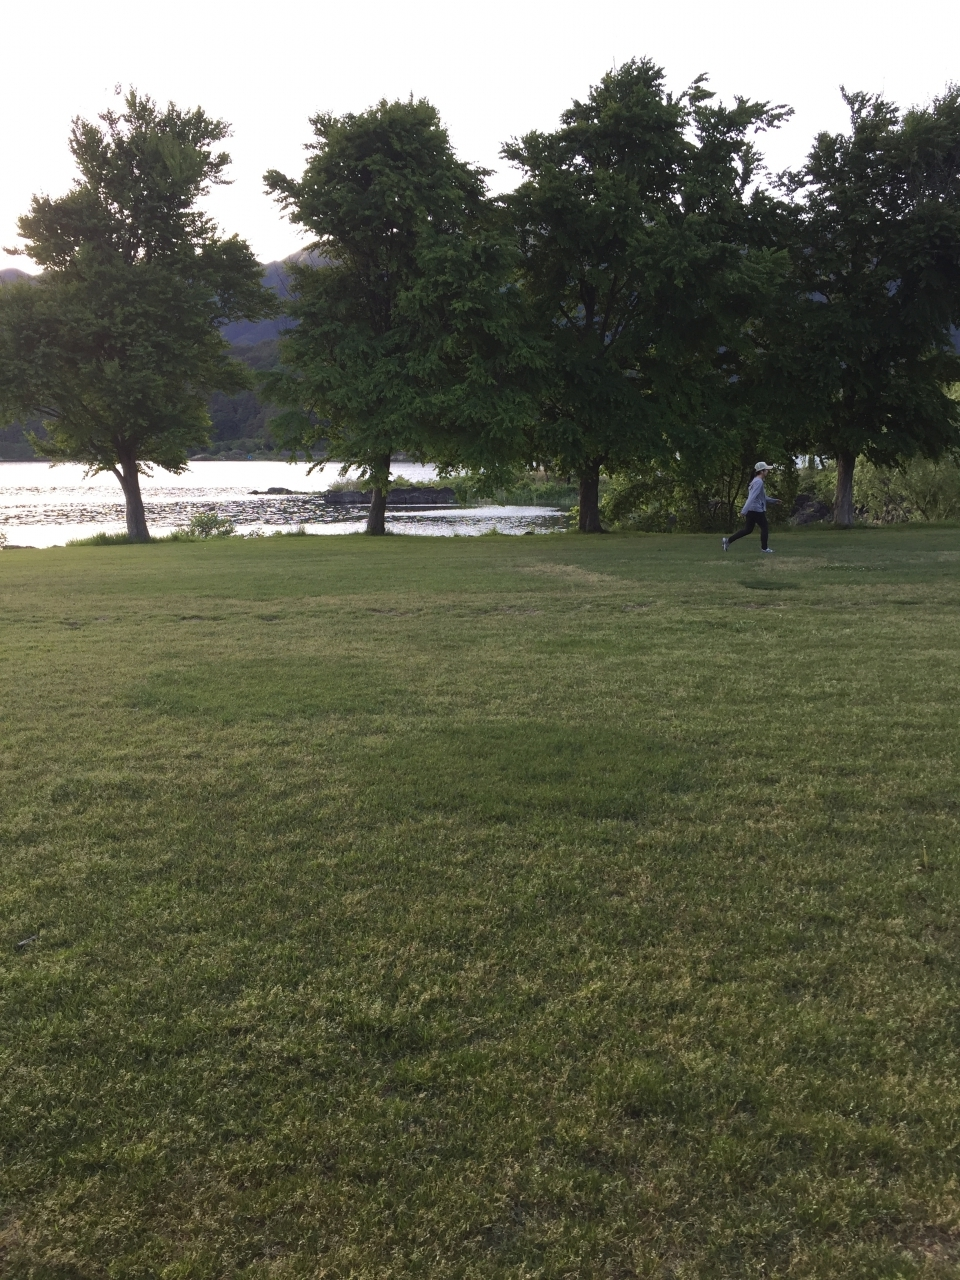 綺麗に整備されてる芝生公園